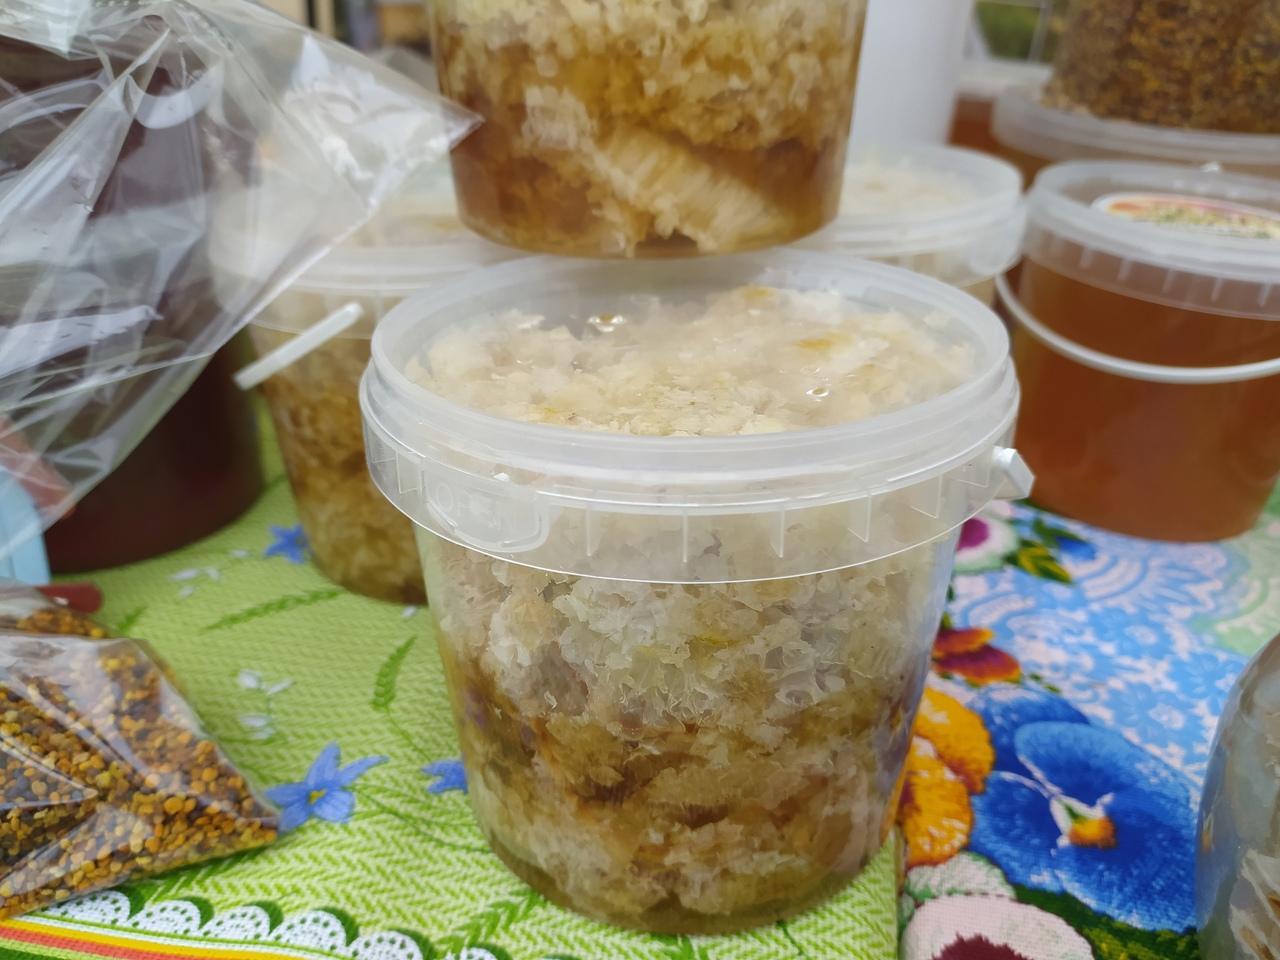 Фото Лизнуть и поставить на весы: в Новосибирске пасечники раскрыли секреты настоящего мёда 7